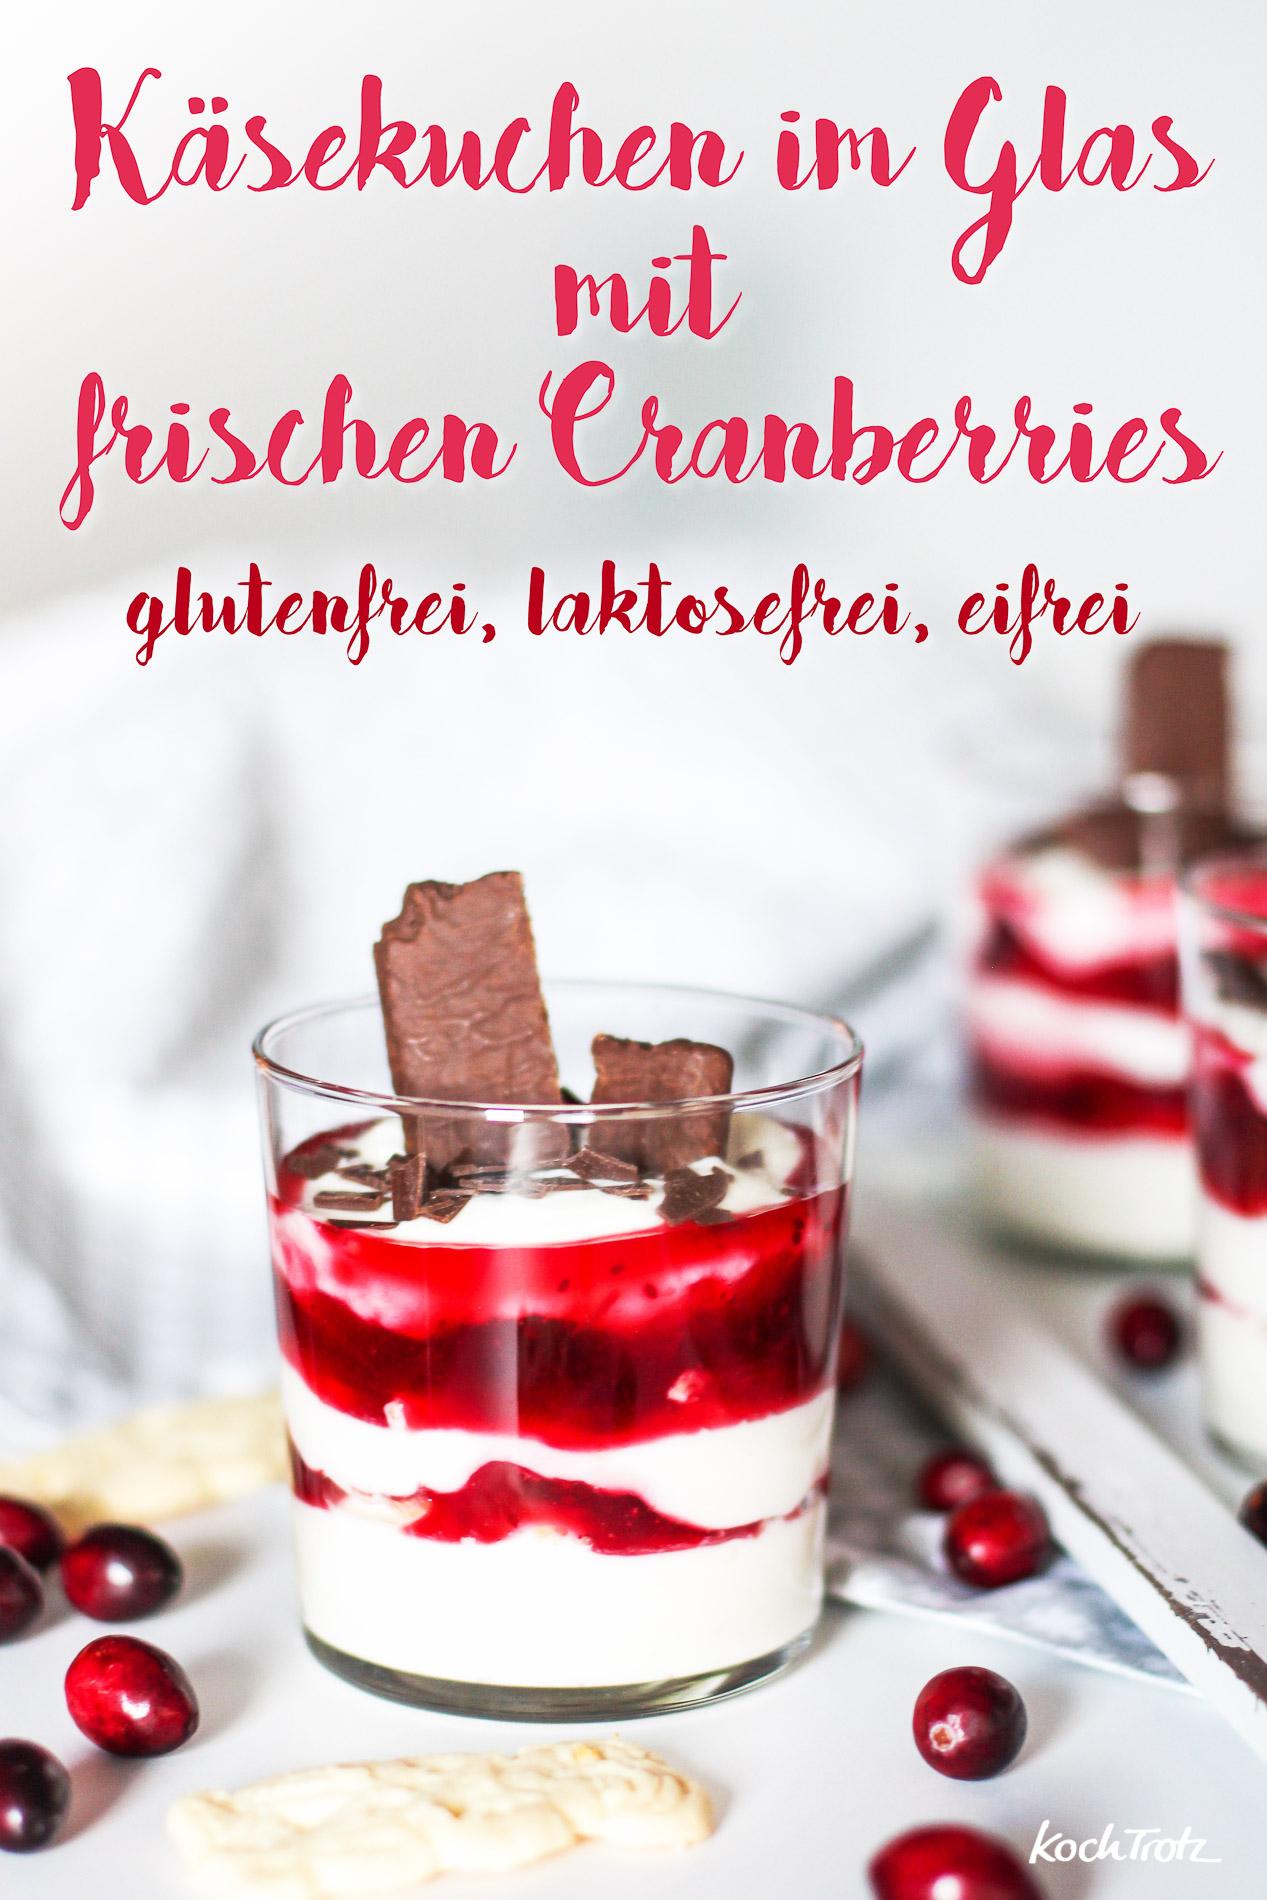 kasekuchen-im-glas-mit-cranberries-glutenfrei-laktosefrei-eifrei-2